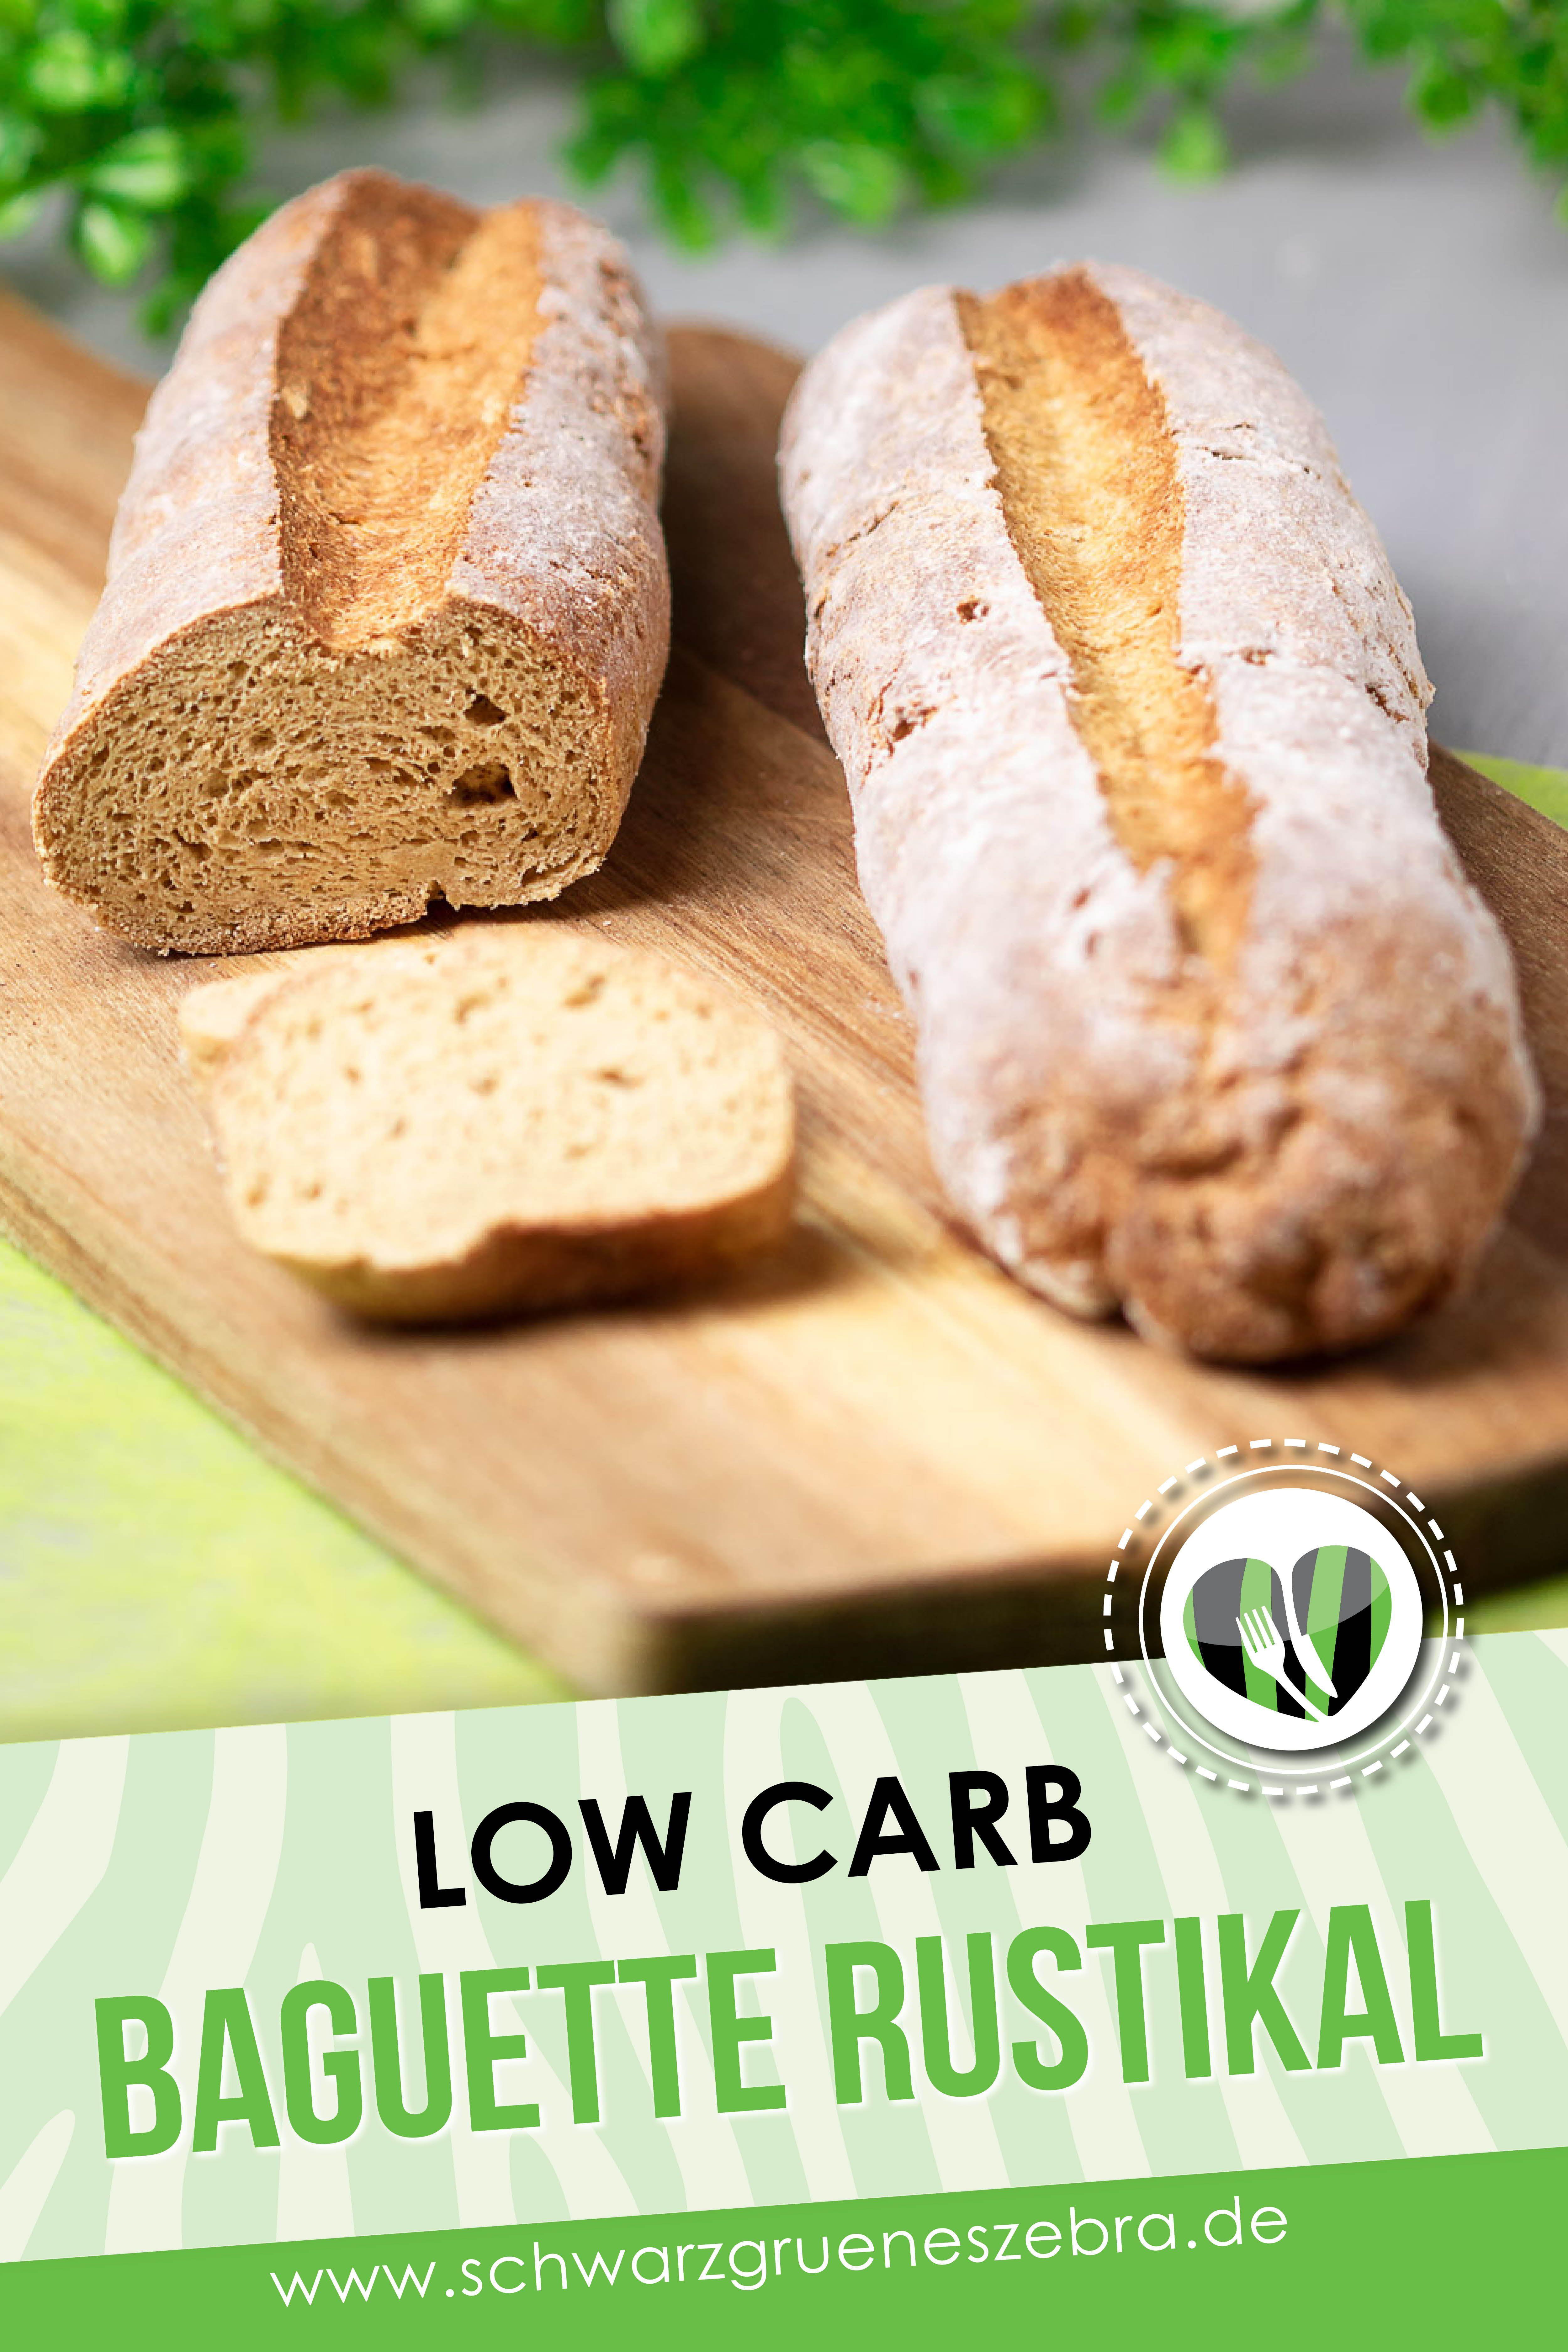 Low Carb Baguette Lebensmittel Mit Wenig Kohenhydrate Rezepte Lebensmittel Essen